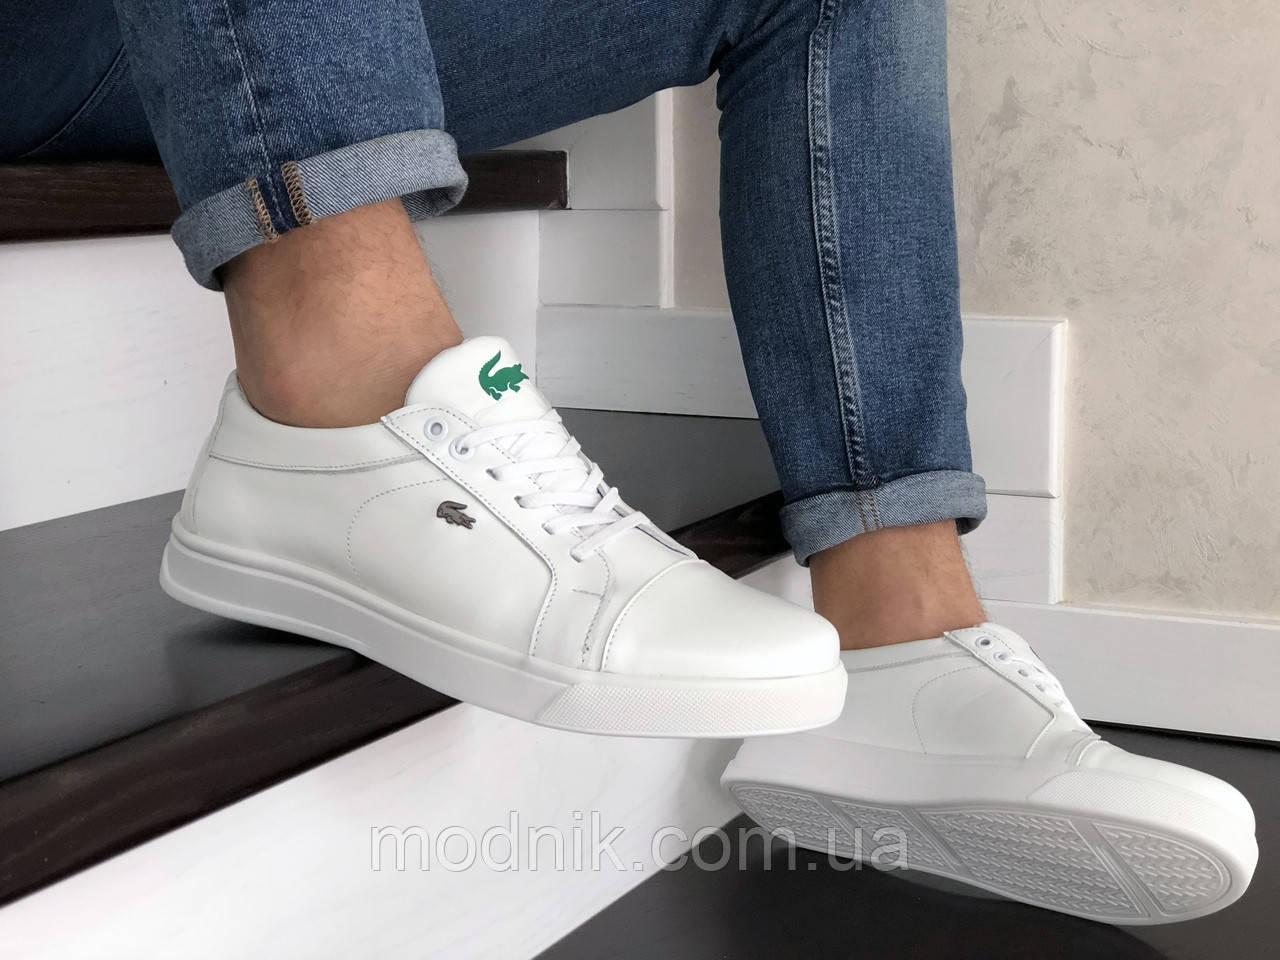 Мужские кроссовки Lacoste (белые) 9053